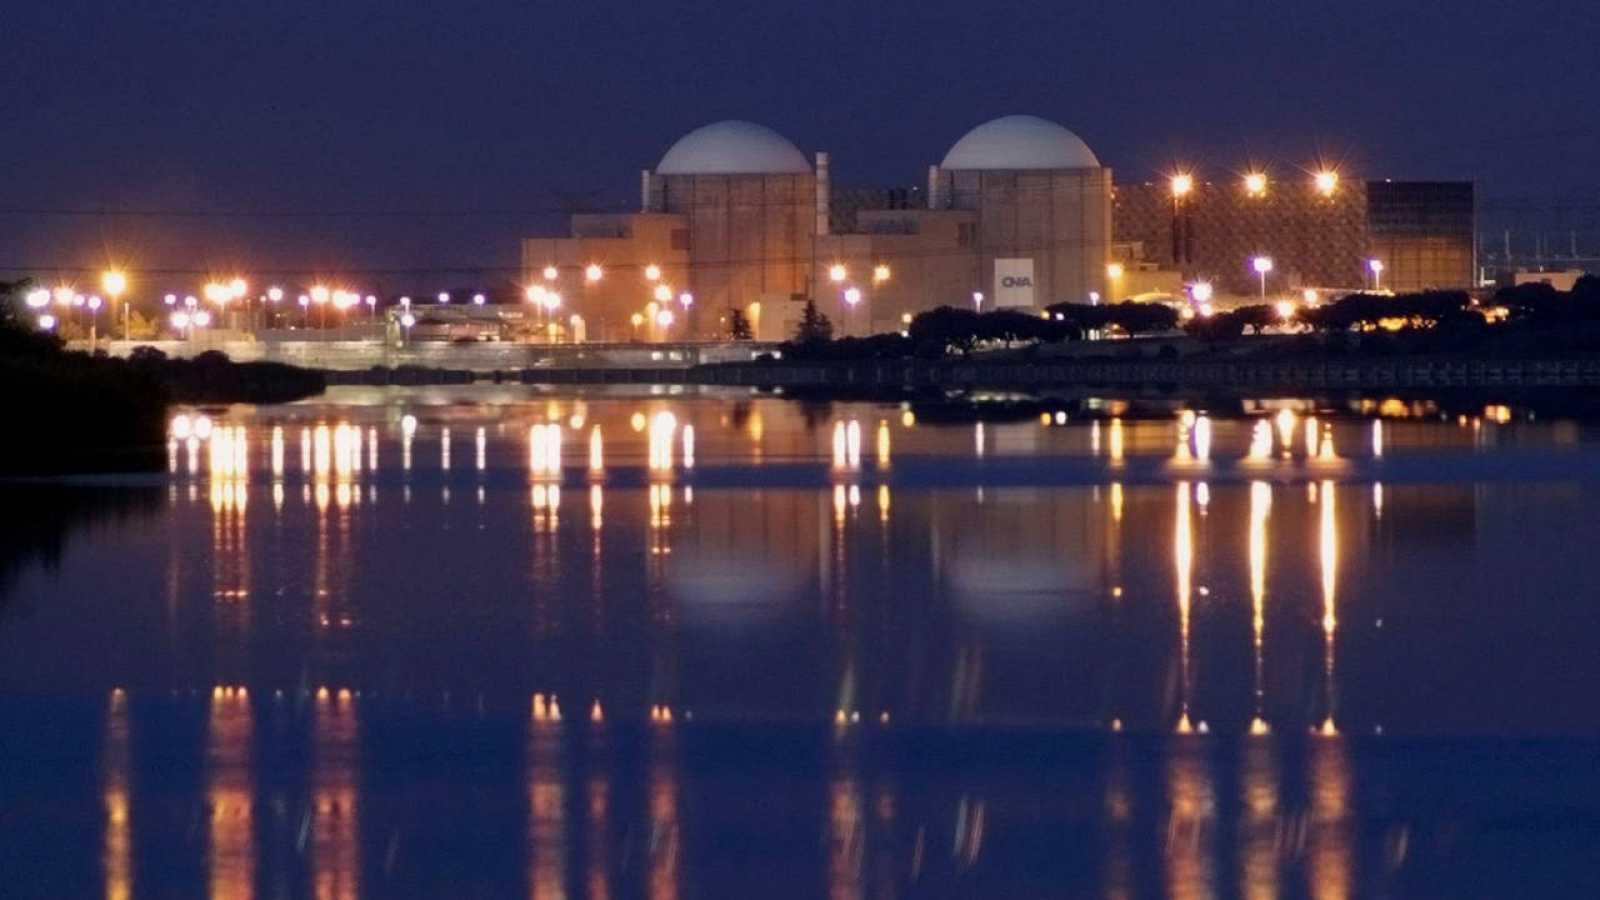 Las grandes centrales energéticas son el objetivo de estos ataques.